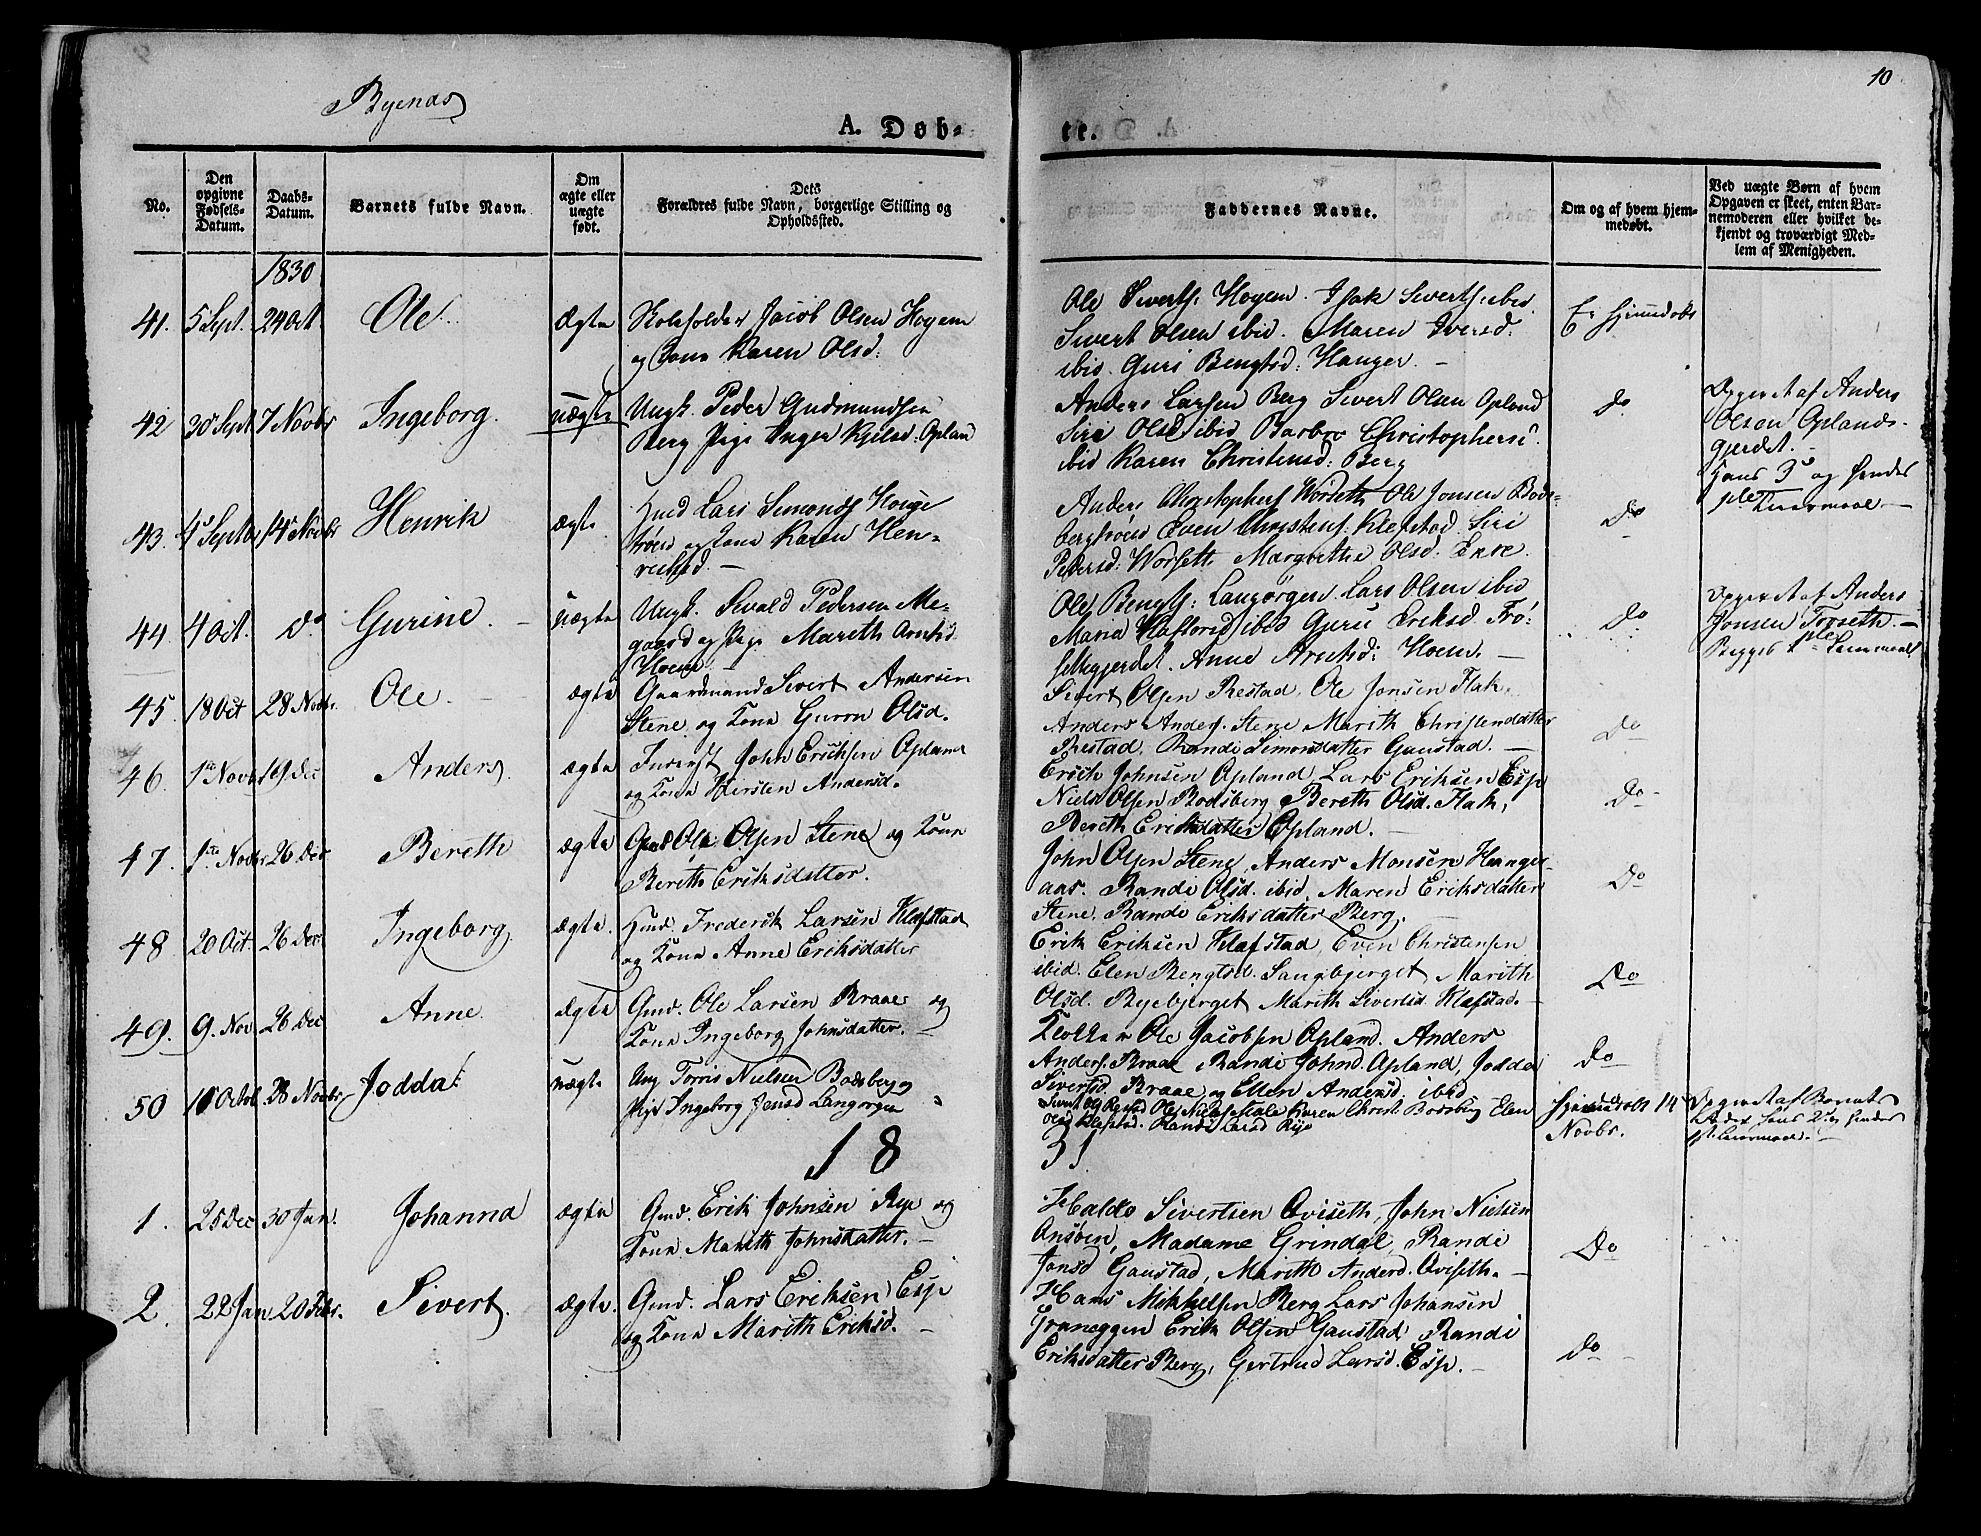 SAT, Ministerialprotokoller, klokkerbøker og fødselsregistre - Sør-Trøndelag, 612/L0374: Ministerialbok nr. 612A07 /1, 1829-1845, s. 10